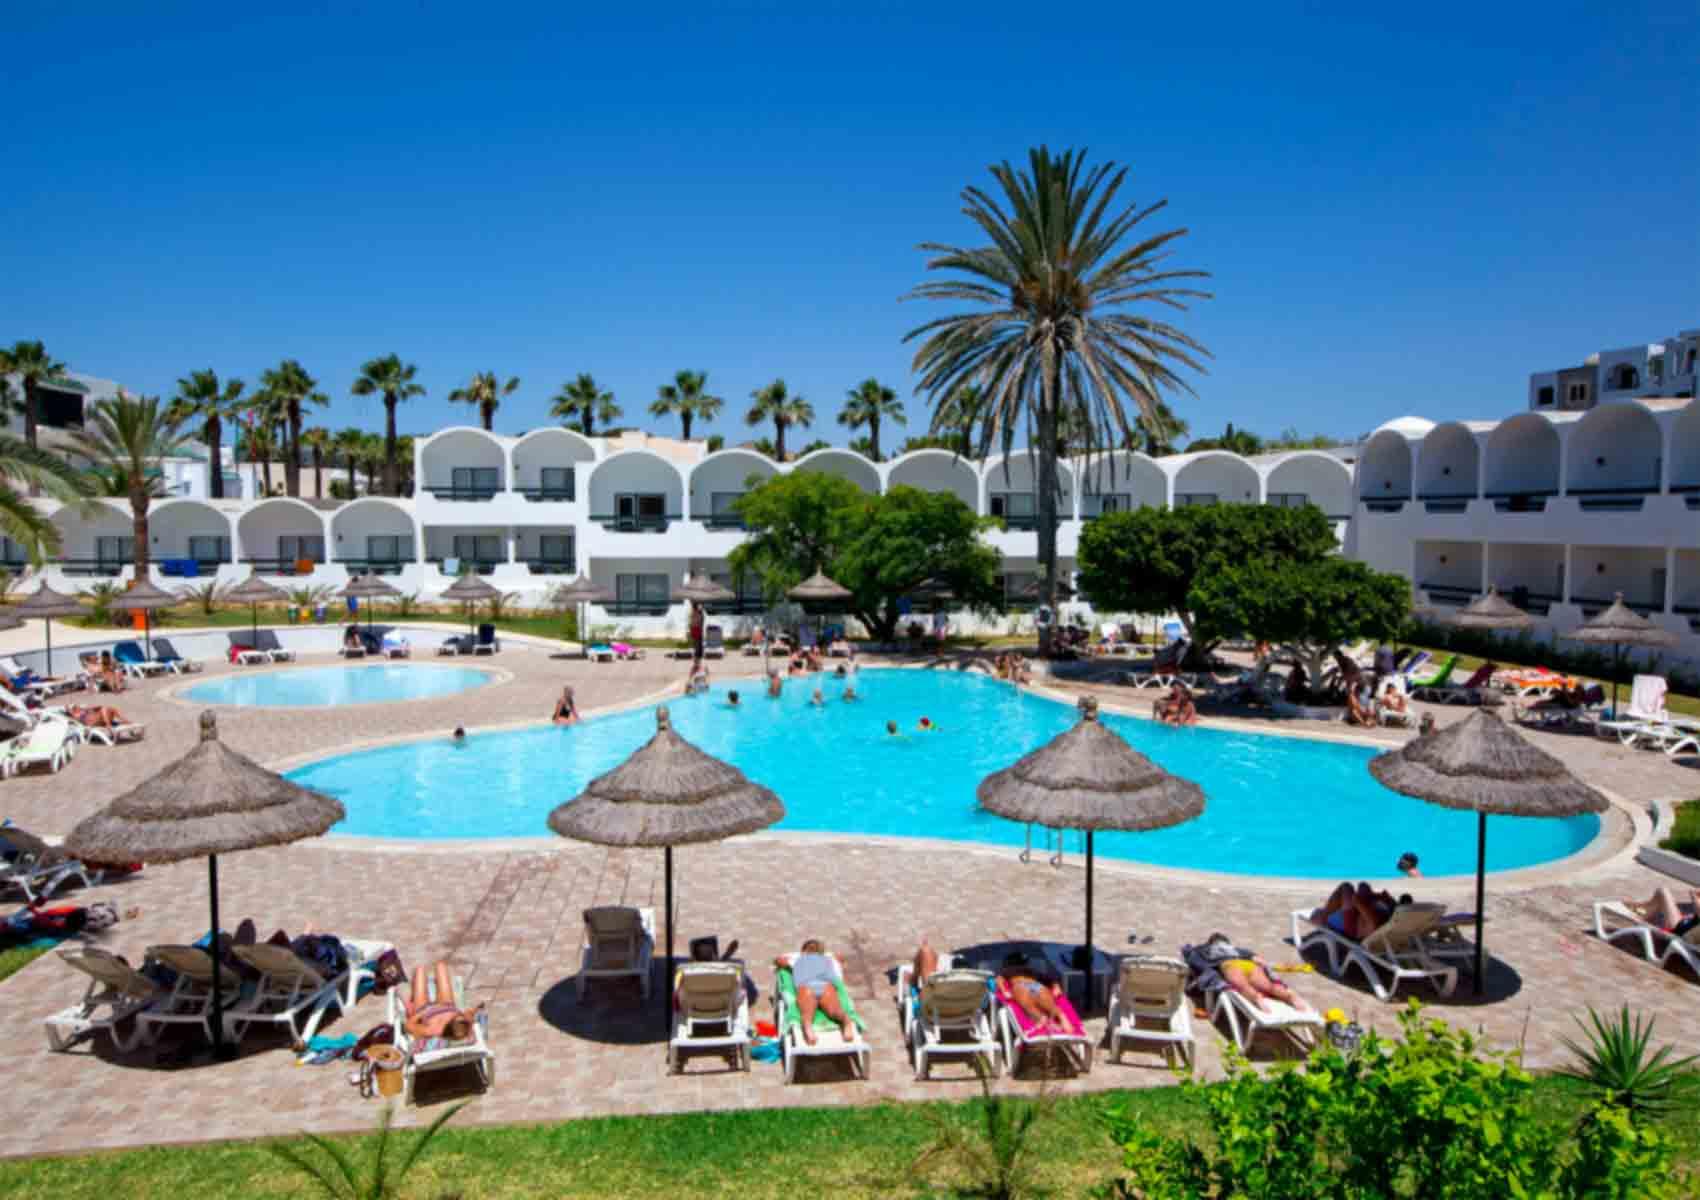 Voyage pas cher en Tunisie : séjour tout compris 1 semaine à Hammamet